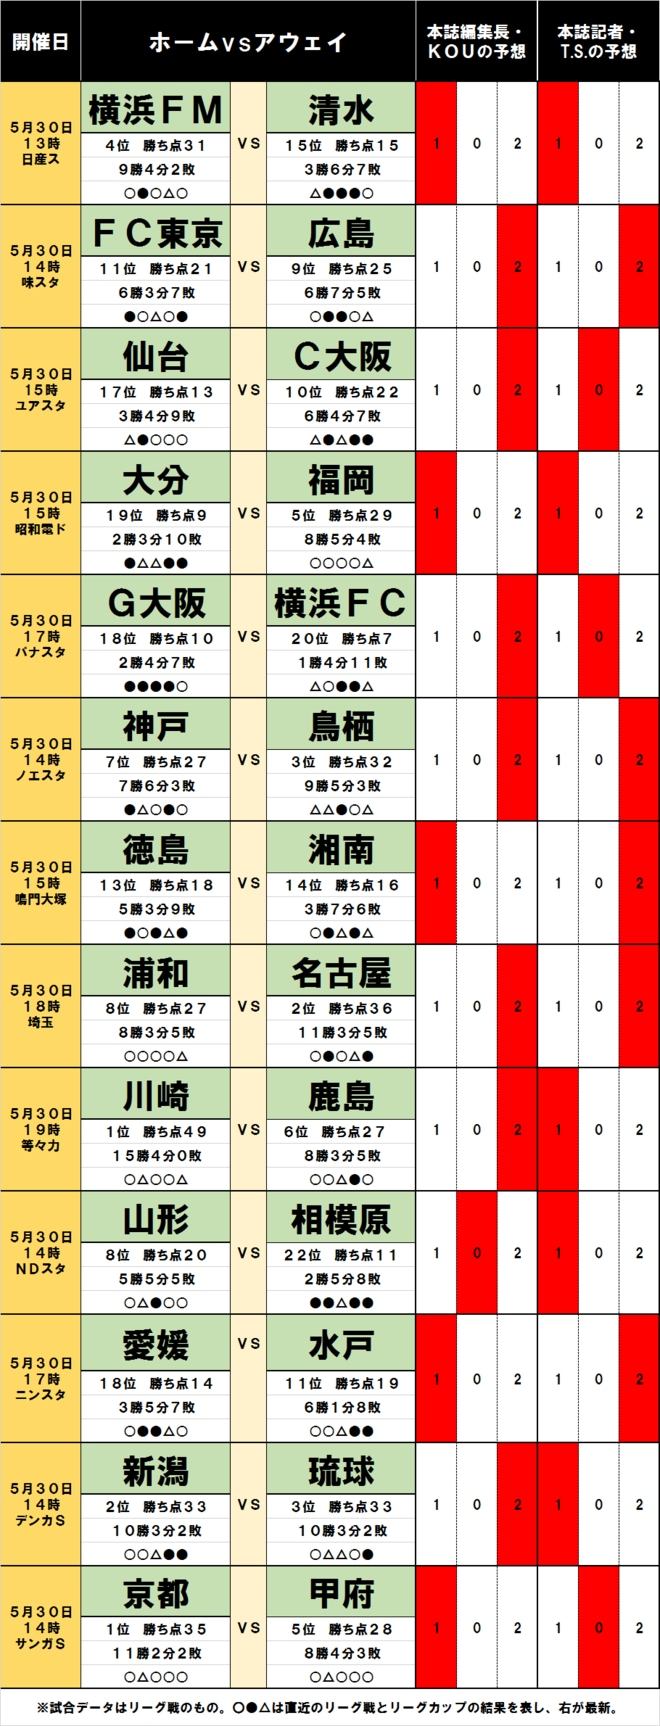 「サッカー批評のtoto予想」(第1242回)5月30日「仙台対C大阪」と横浜FM、ガンバに漂う「波乱の予感」の画像001